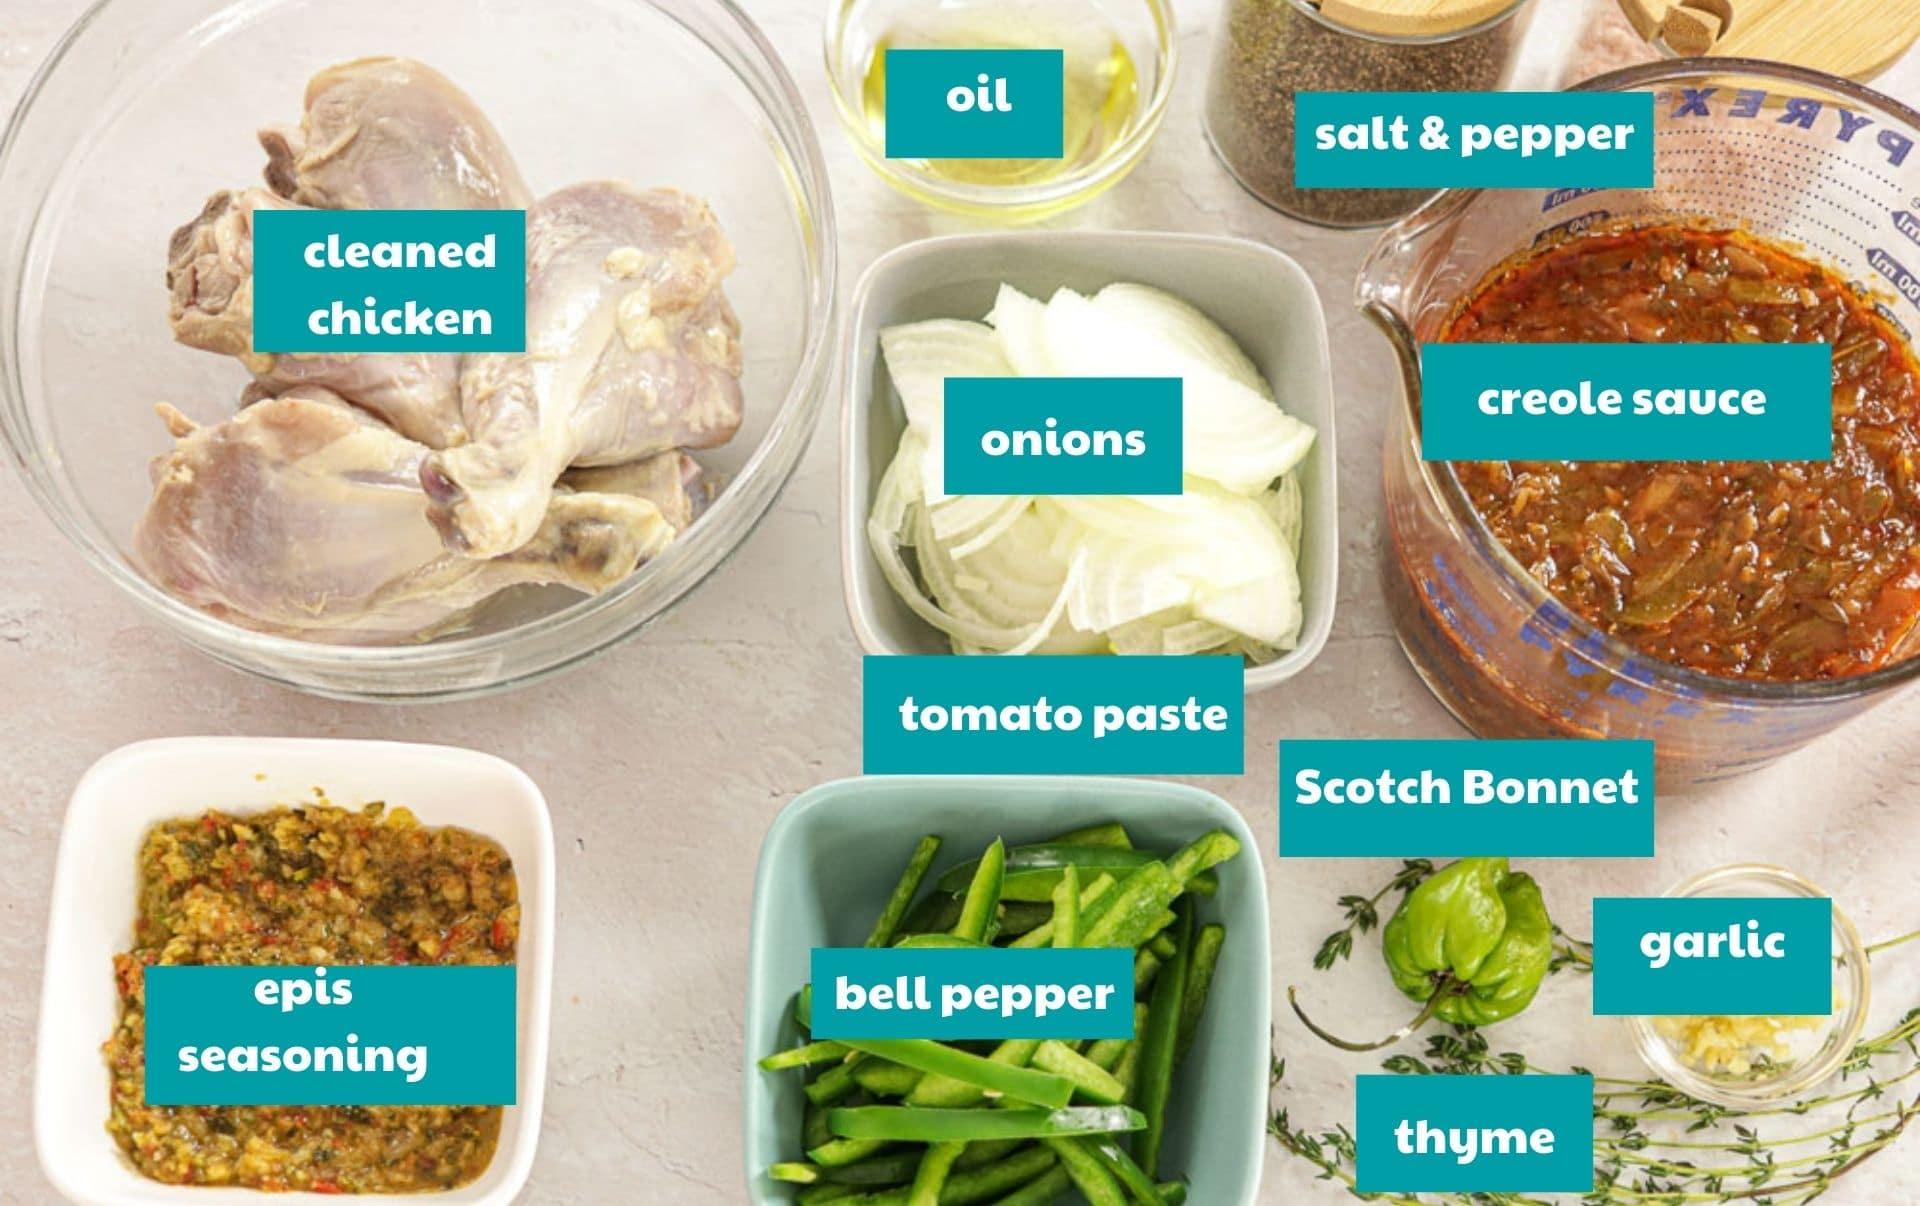 ingredients for Haitian Chicken Stew